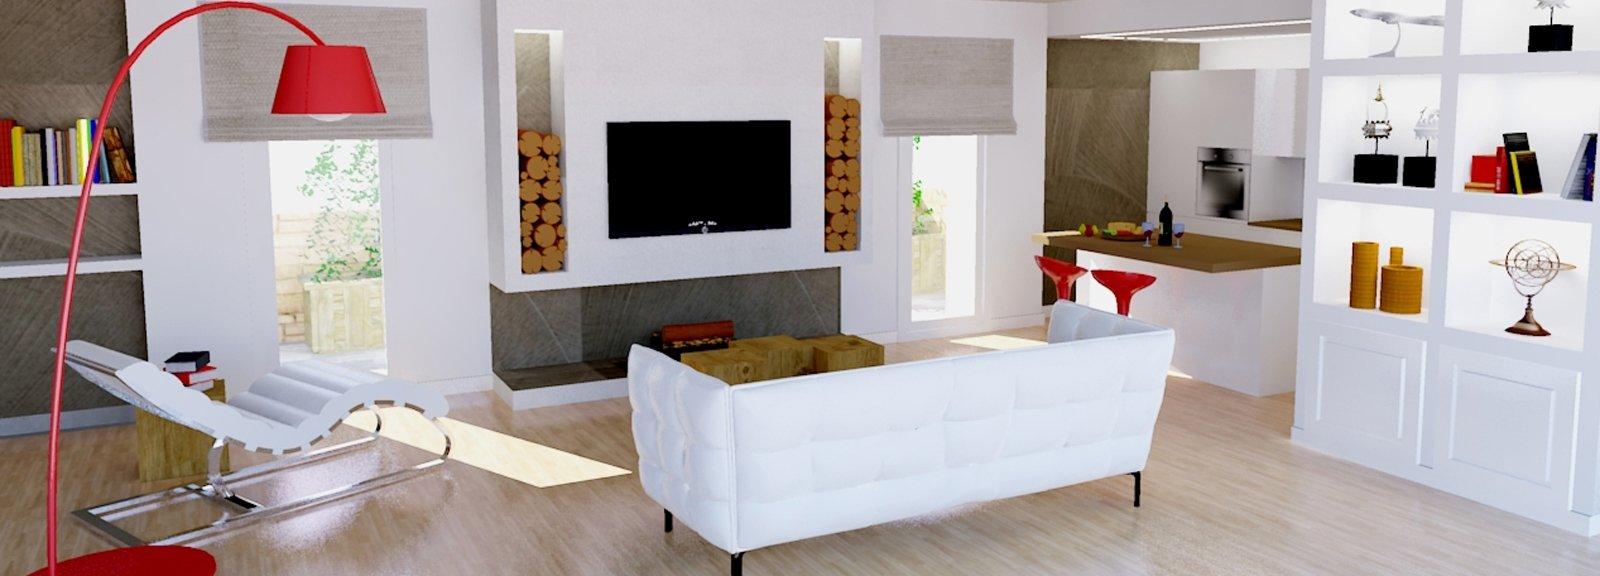 un progetto per arredare un soggiorno con pareti oblique - cose di ... - Soggiorno Cucina Con Camino